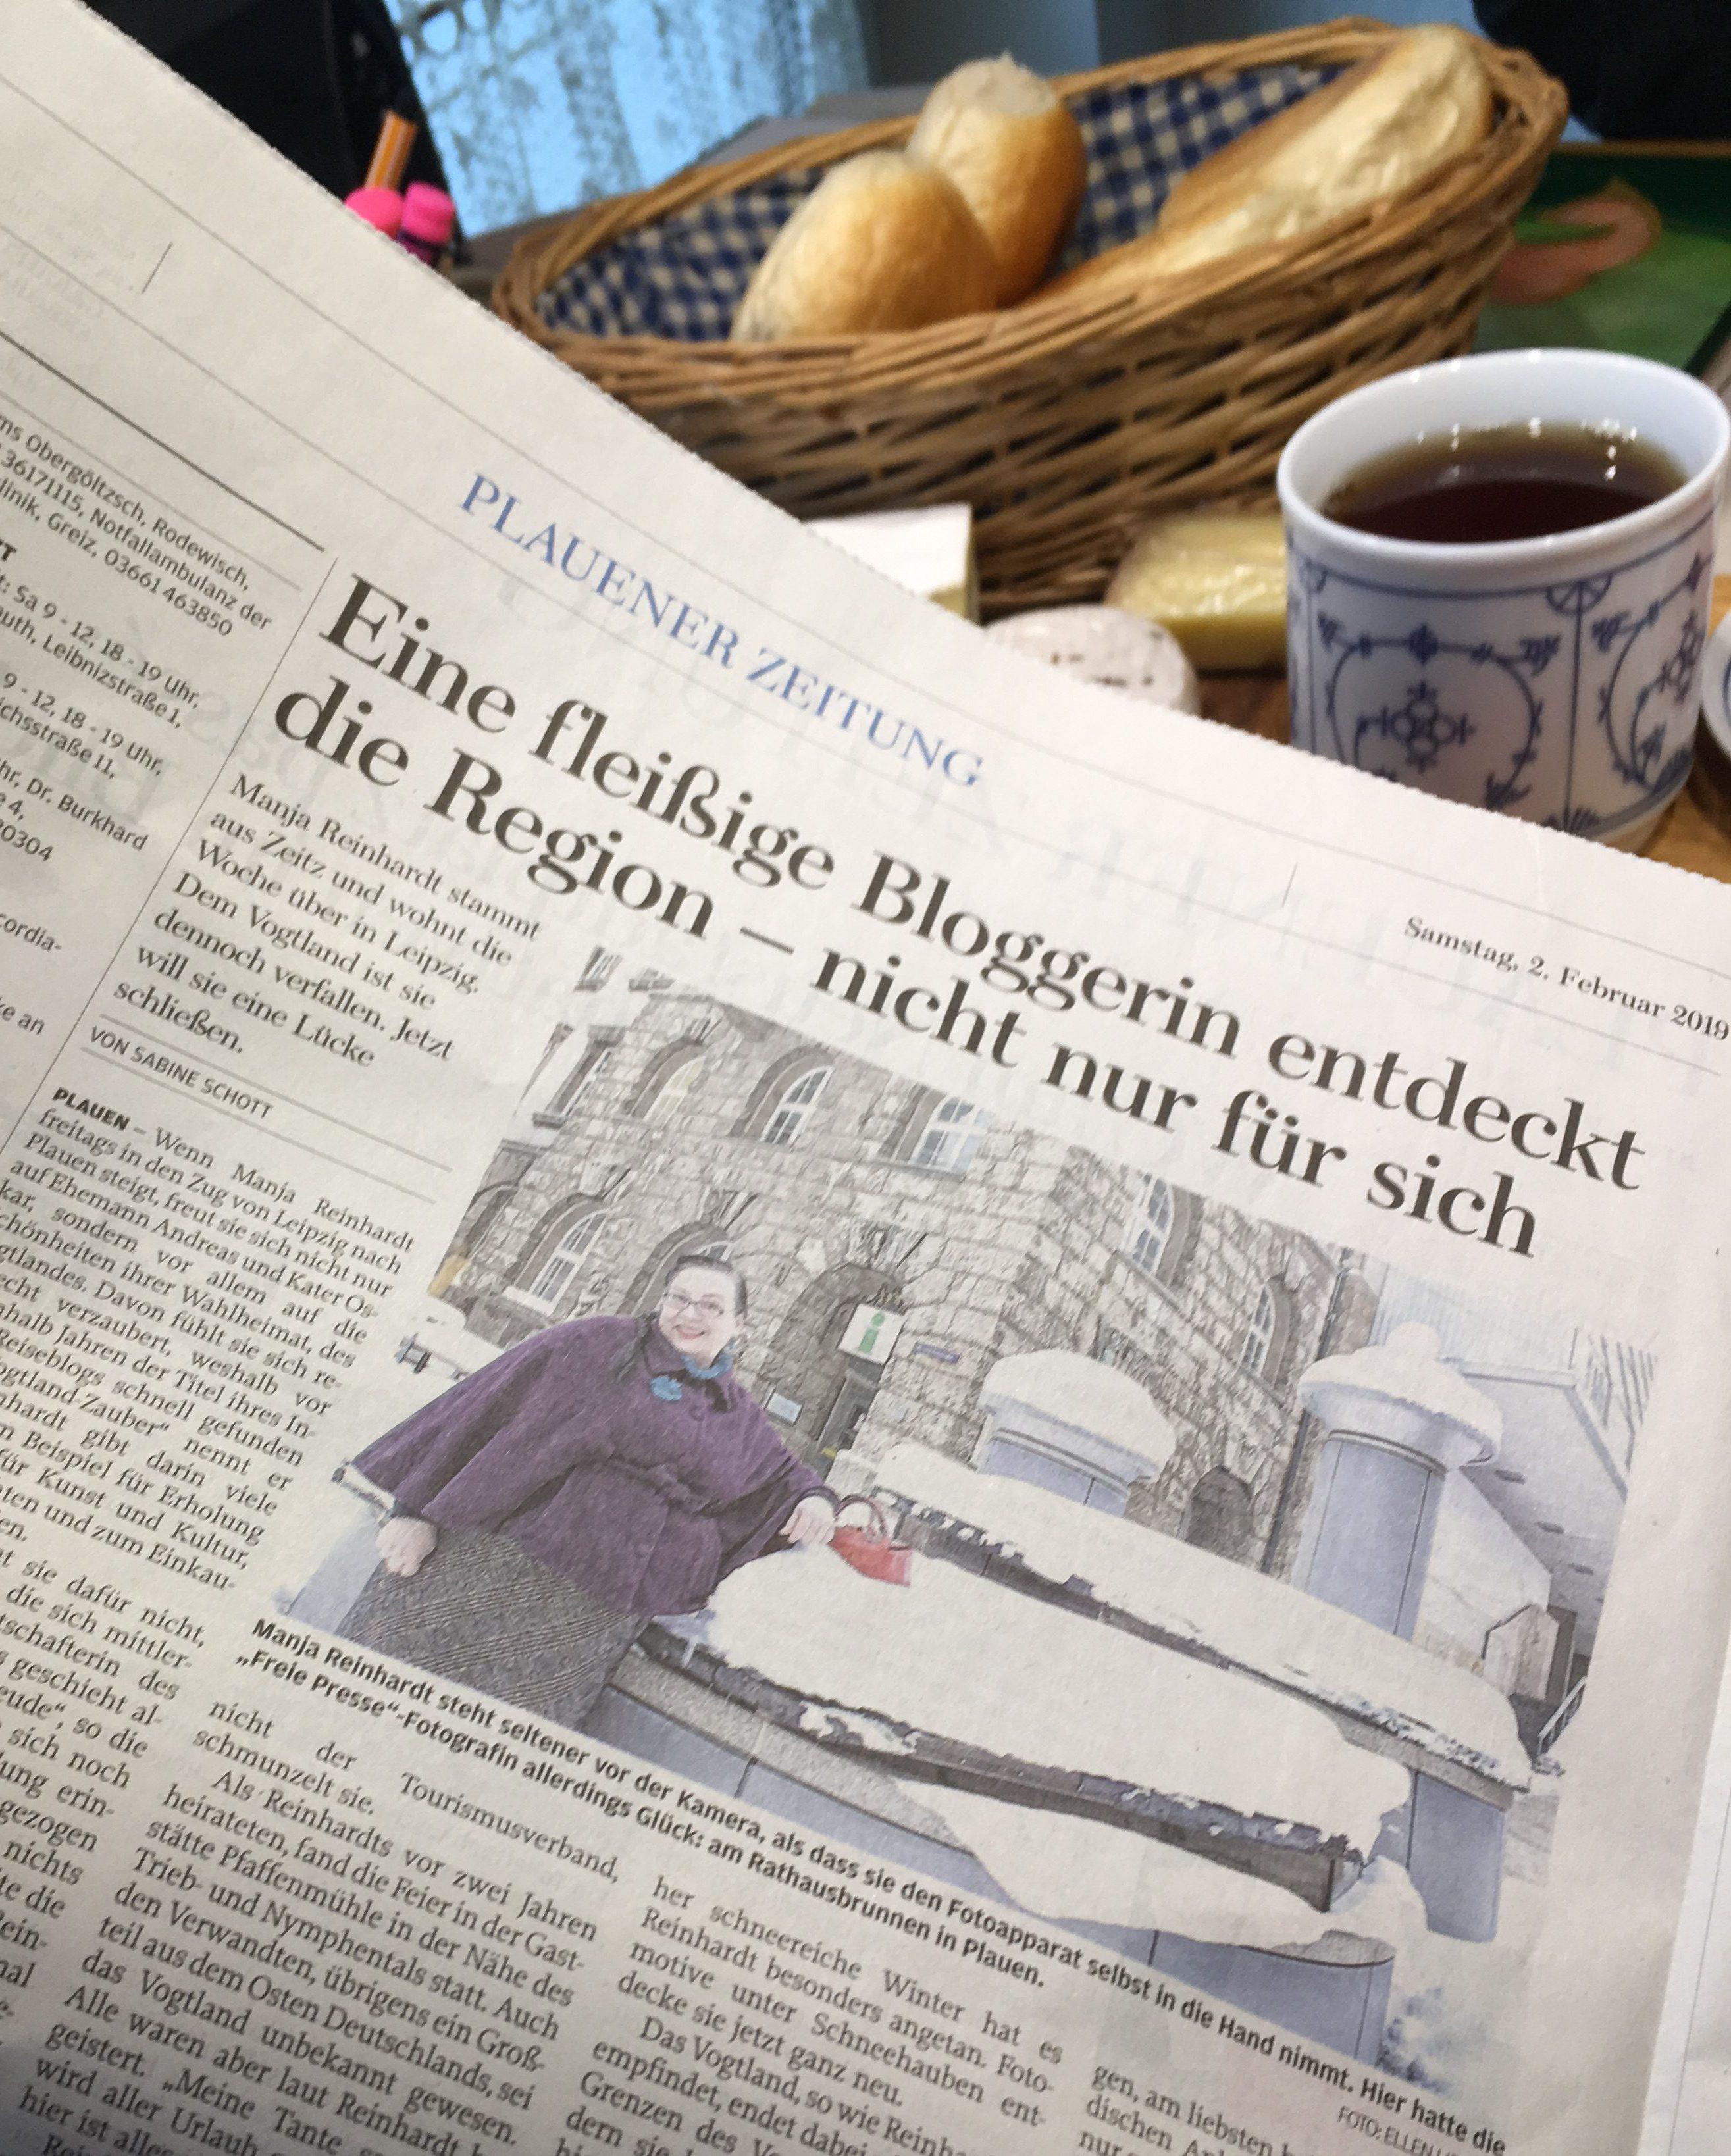 Artikel in der Freien Presse